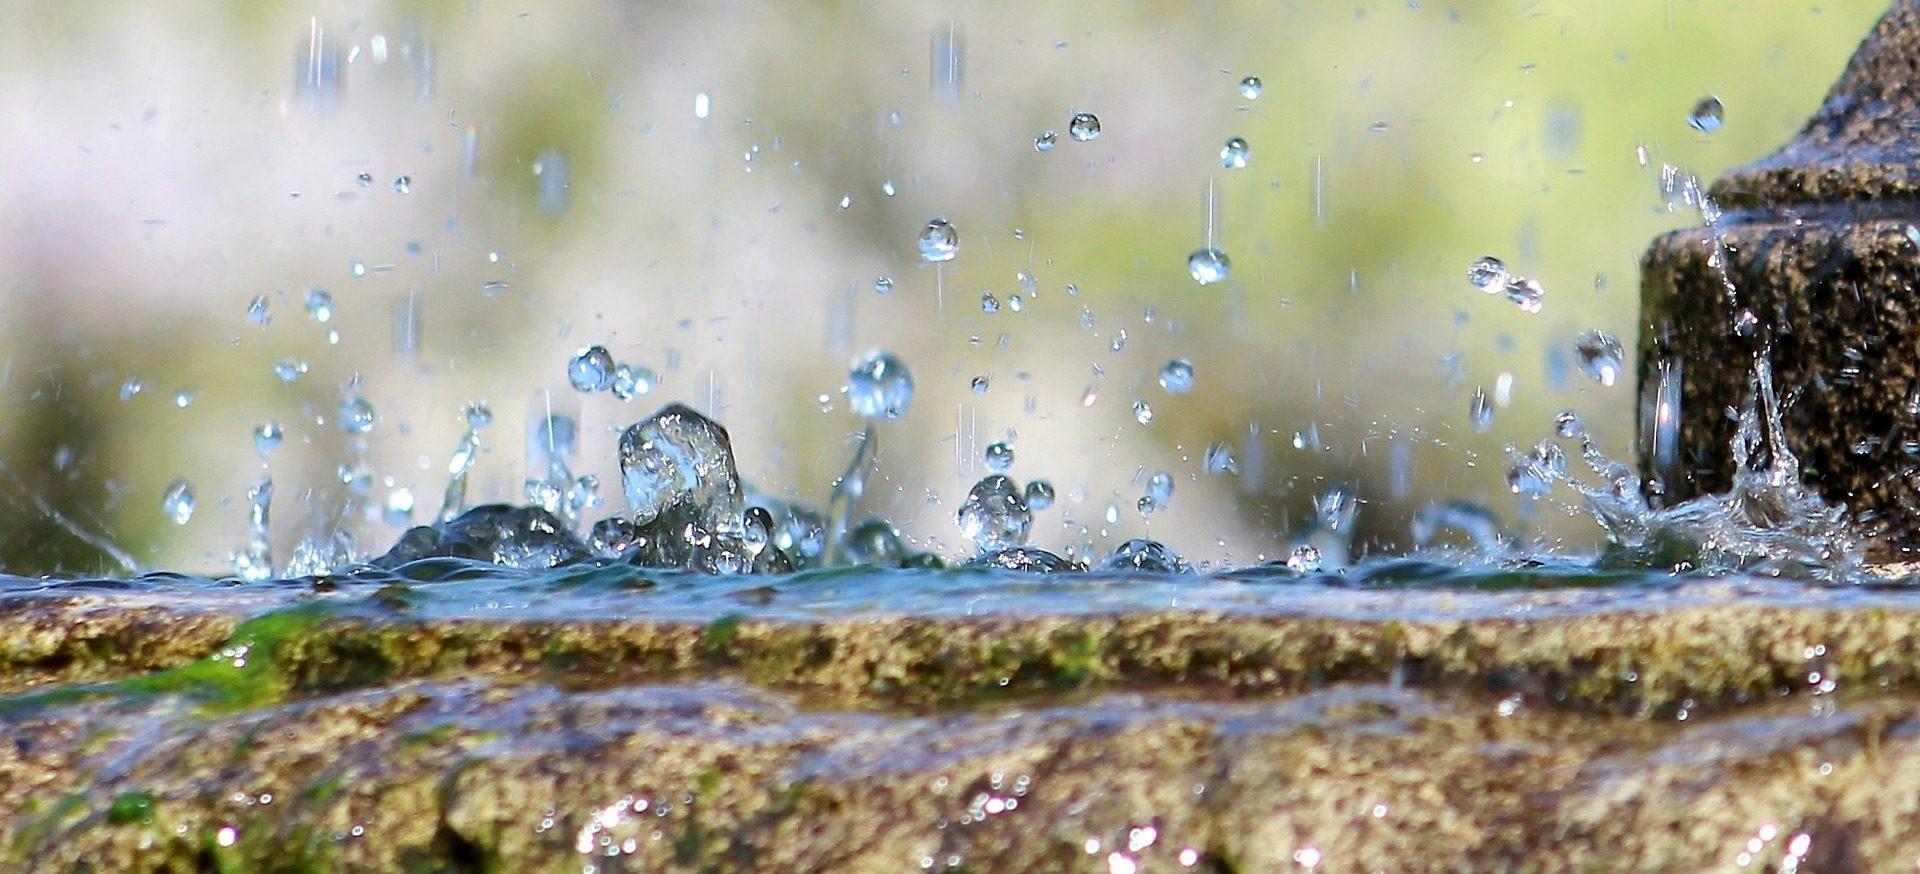 滴, 水, ソース, 春, sed - HD の壁紙 - 教授-falken.com